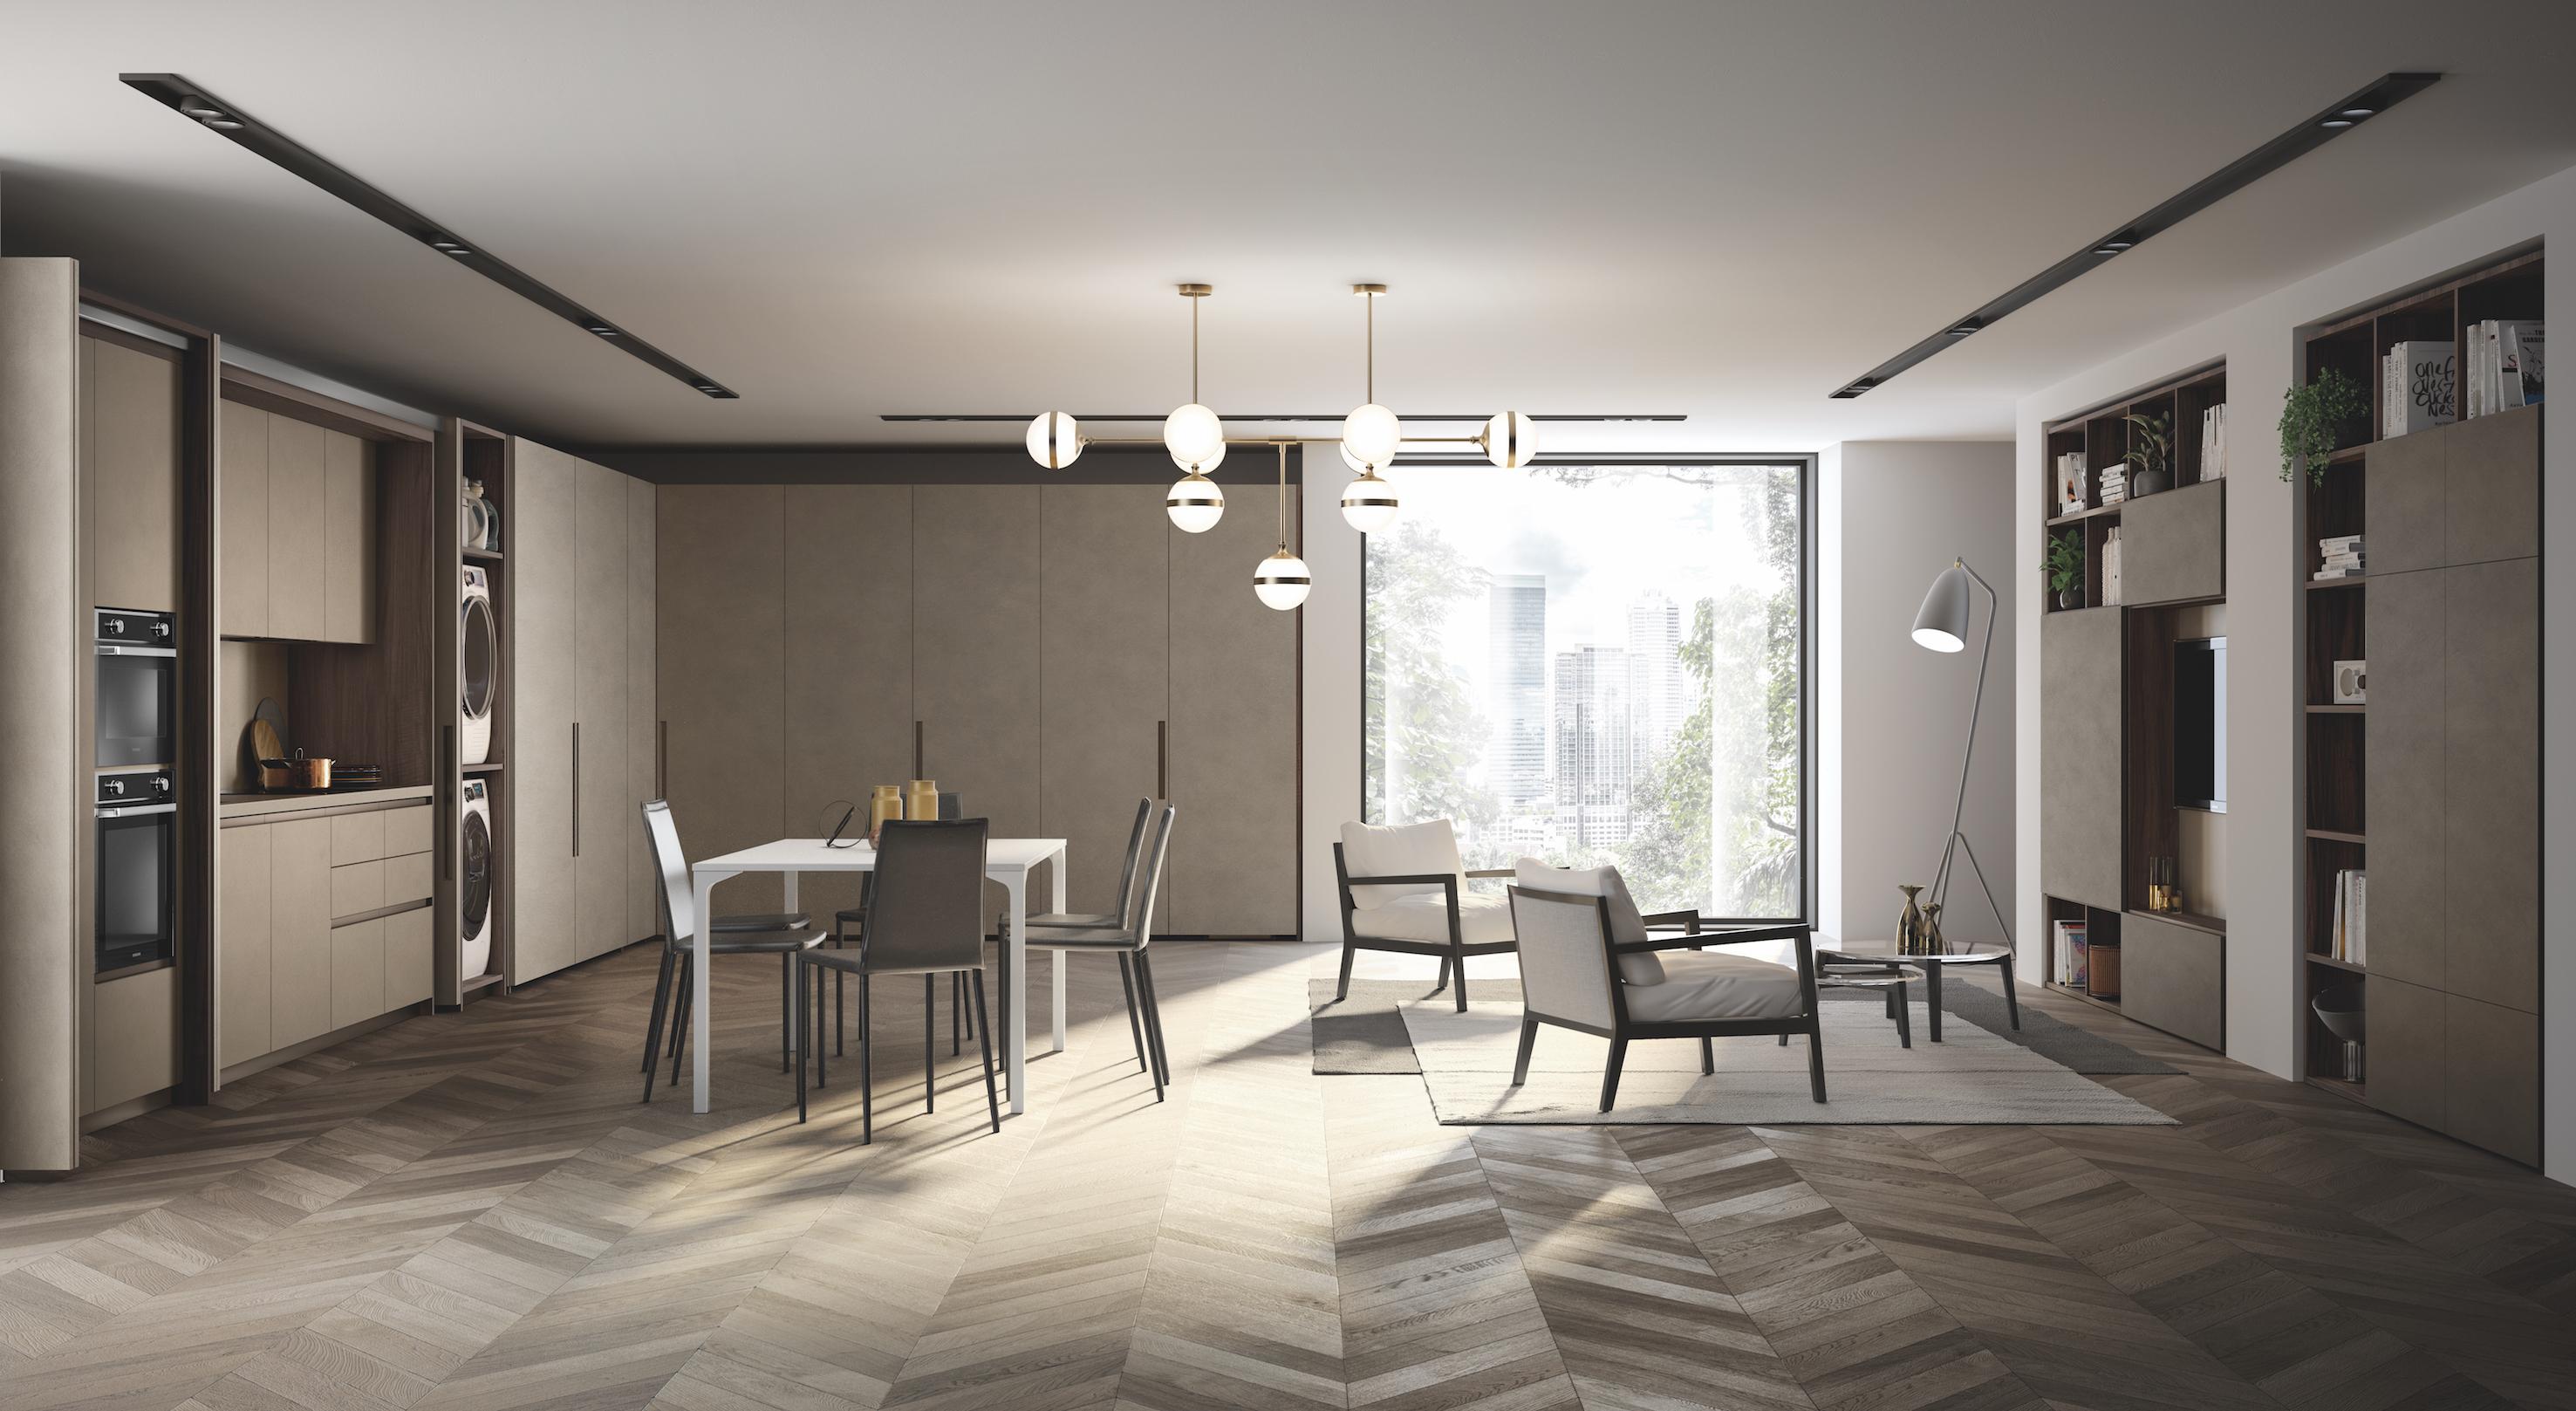 Anteprima Salone 2018: Scavolini - Design Diffusion